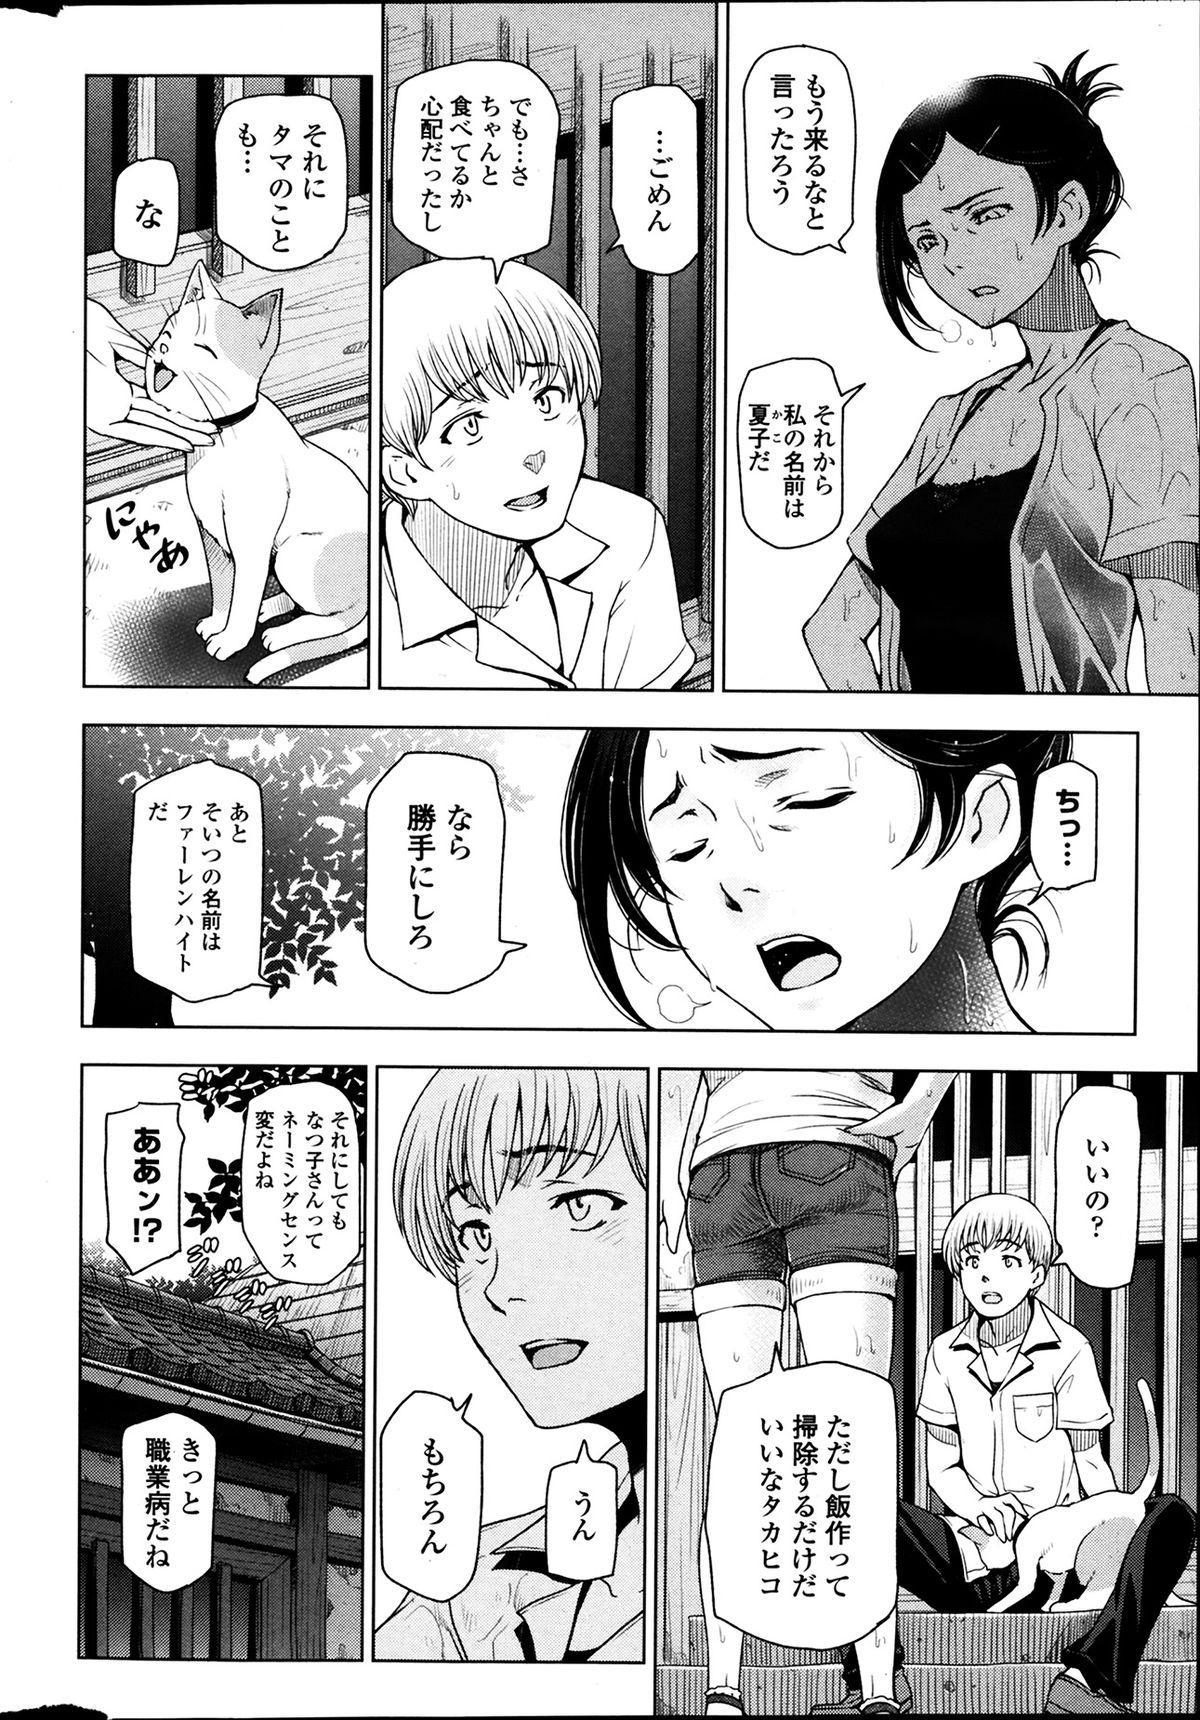 Natsu jiru + extra 3